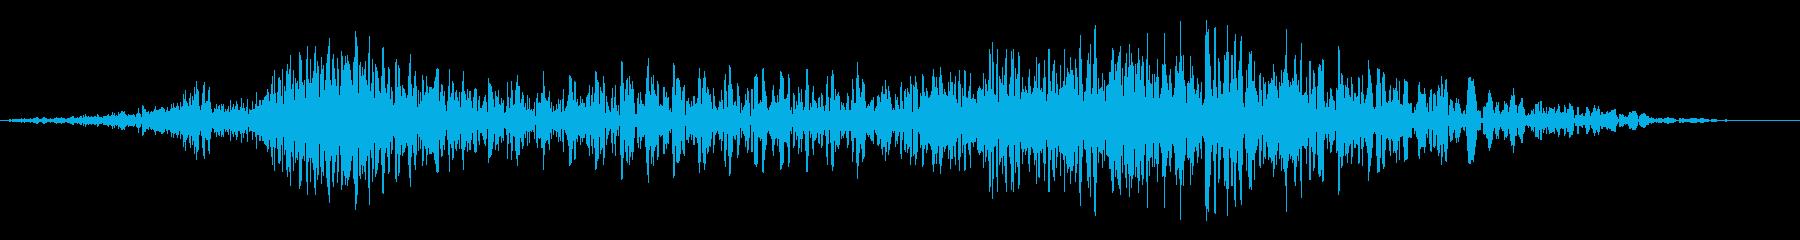 液体捕食者、トレインバズメタルスク...の再生済みの波形